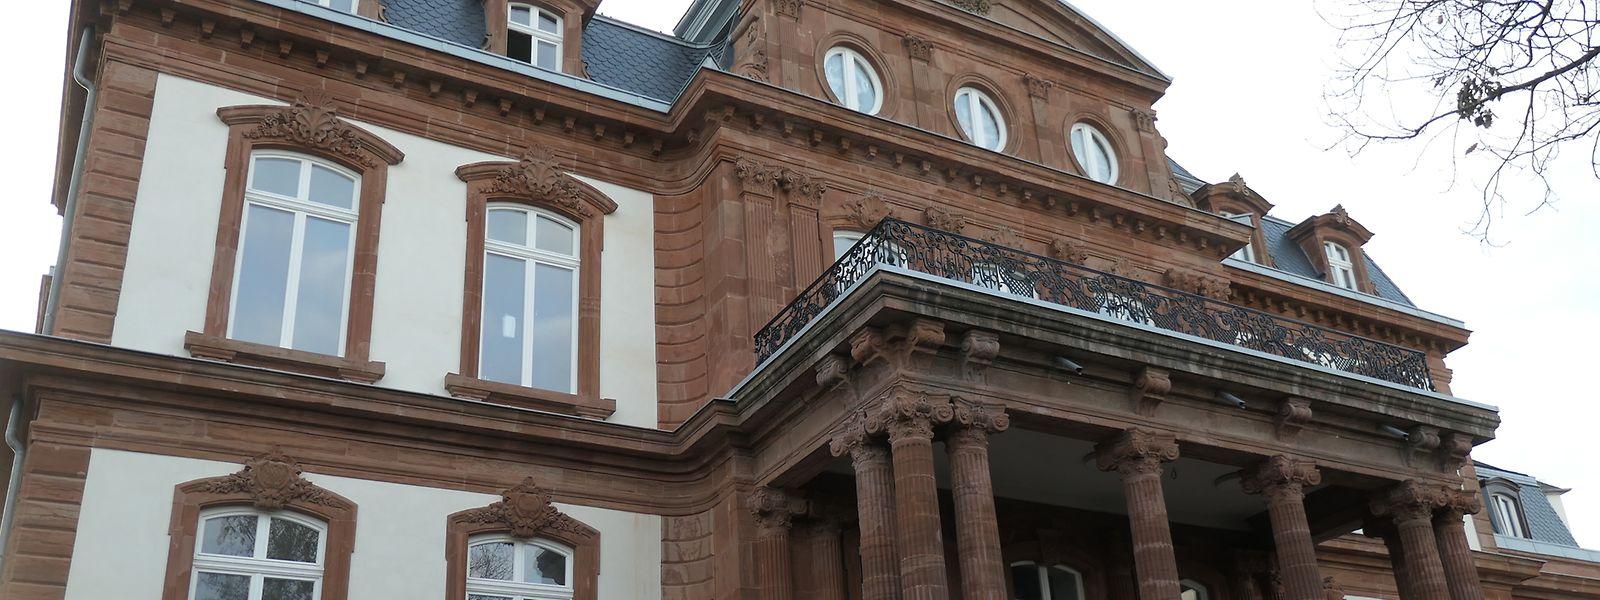 Der Schöffenrat der Gemeinde Wiltz bezeichnet die Aussagen der CSV vom Donnerstag zur Sicherheitslage in Wiltz als unsachlich und klischeehaft.